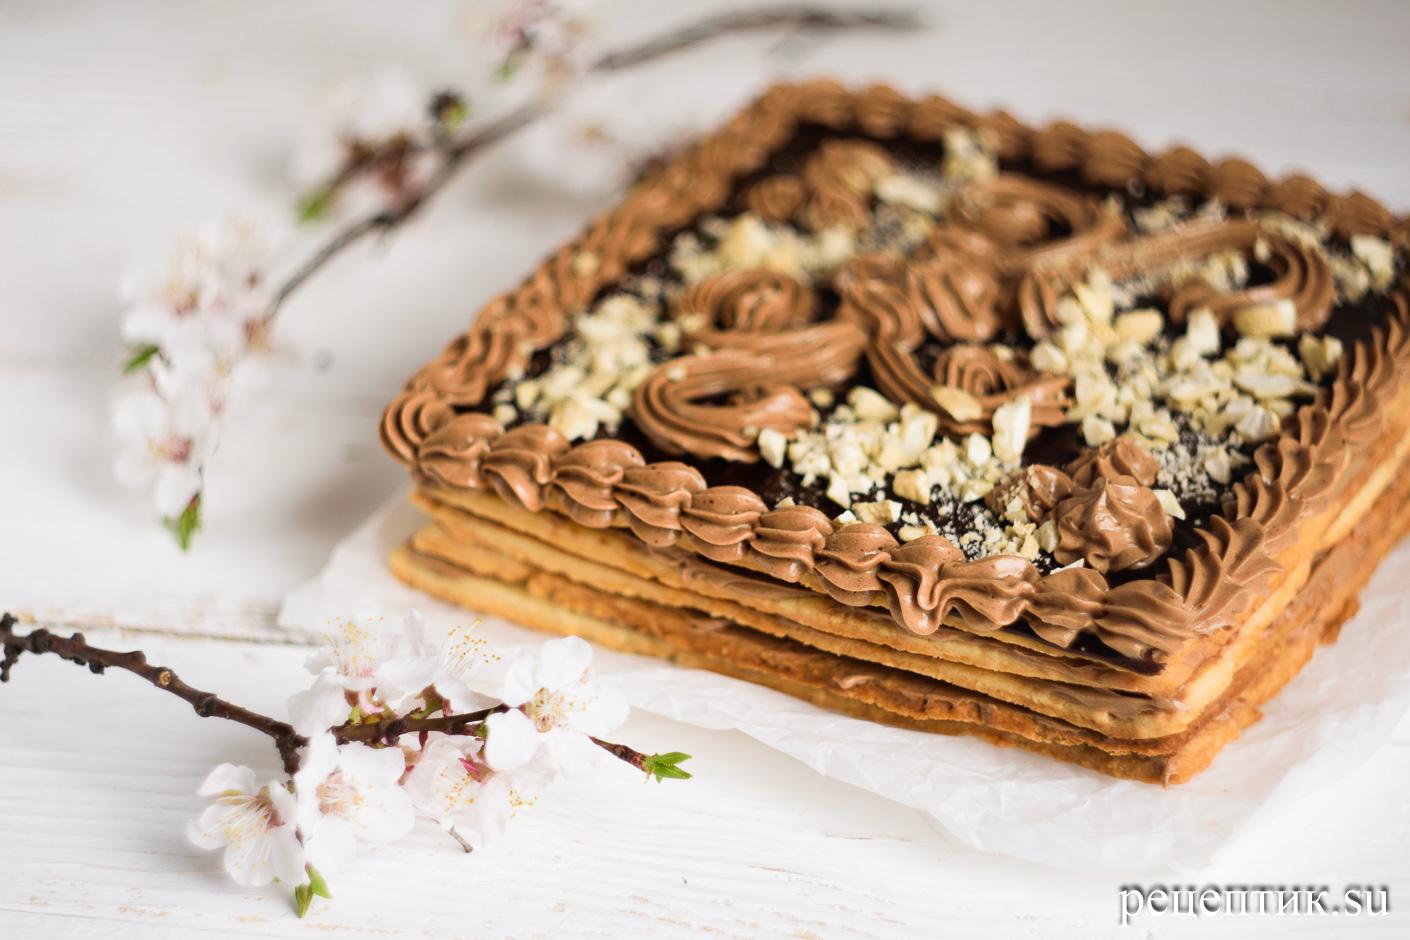 Торт «Ленинградский» — песочный торт с шоколадным масляным кремом - рецепт с фото